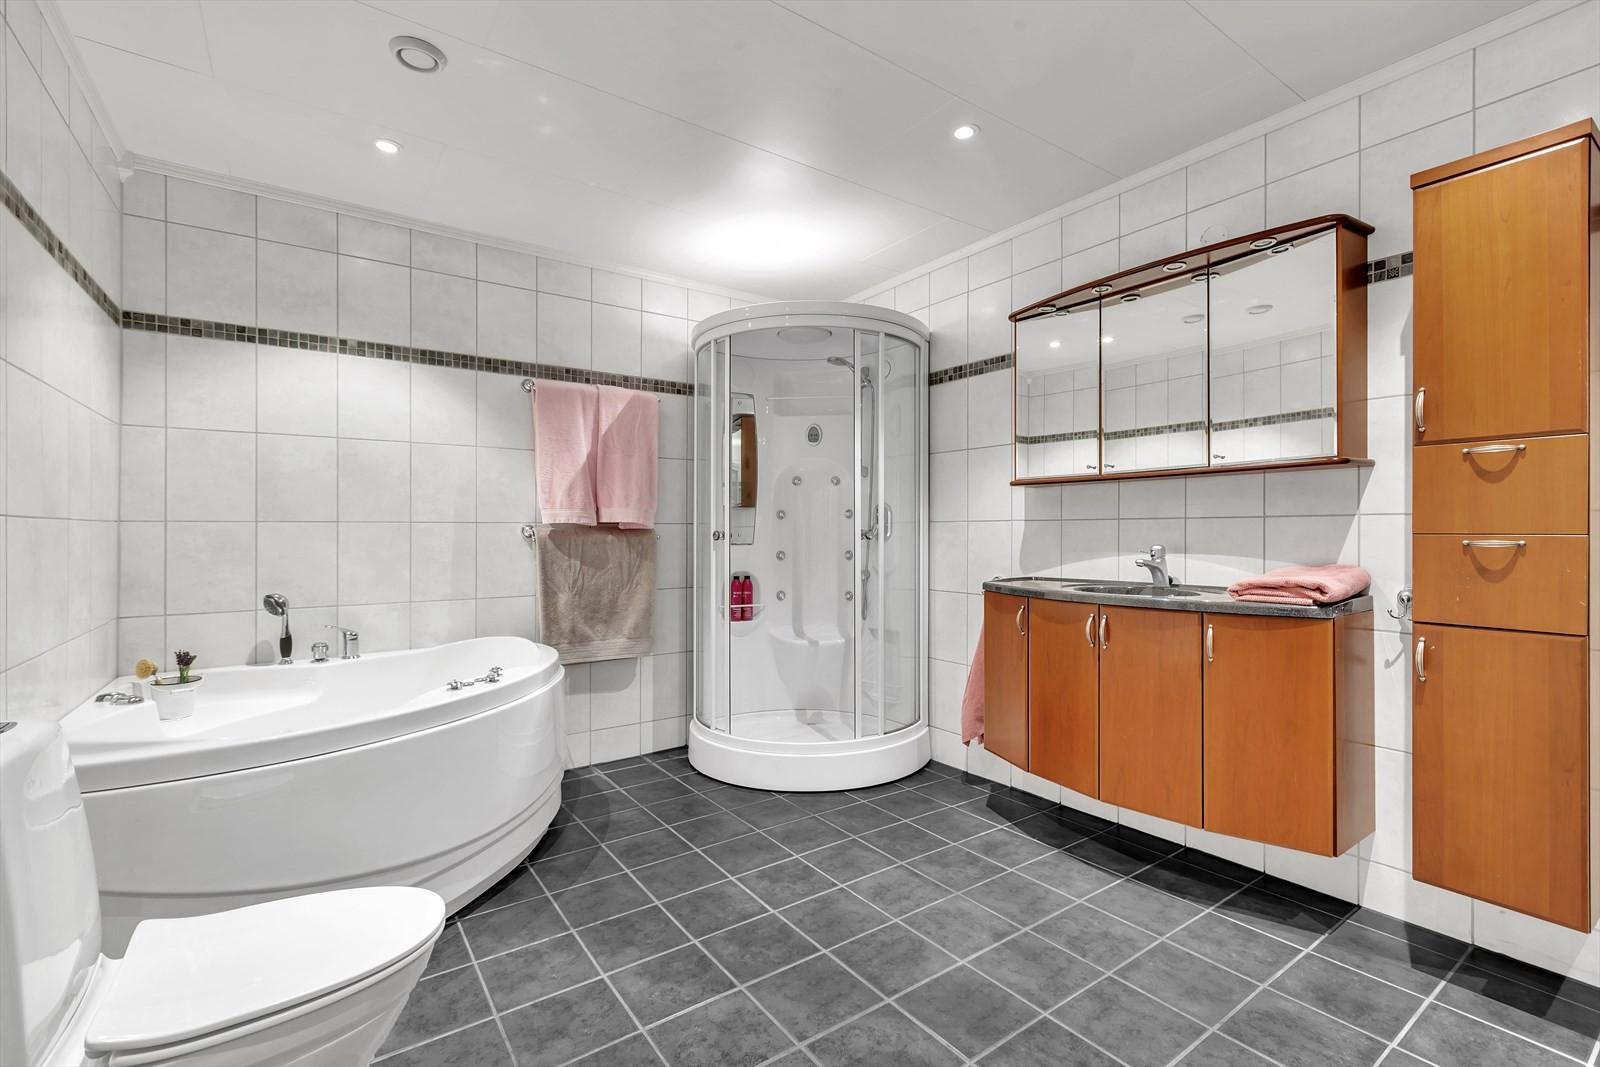 Komplett flislagt bad med både dusj og badekar